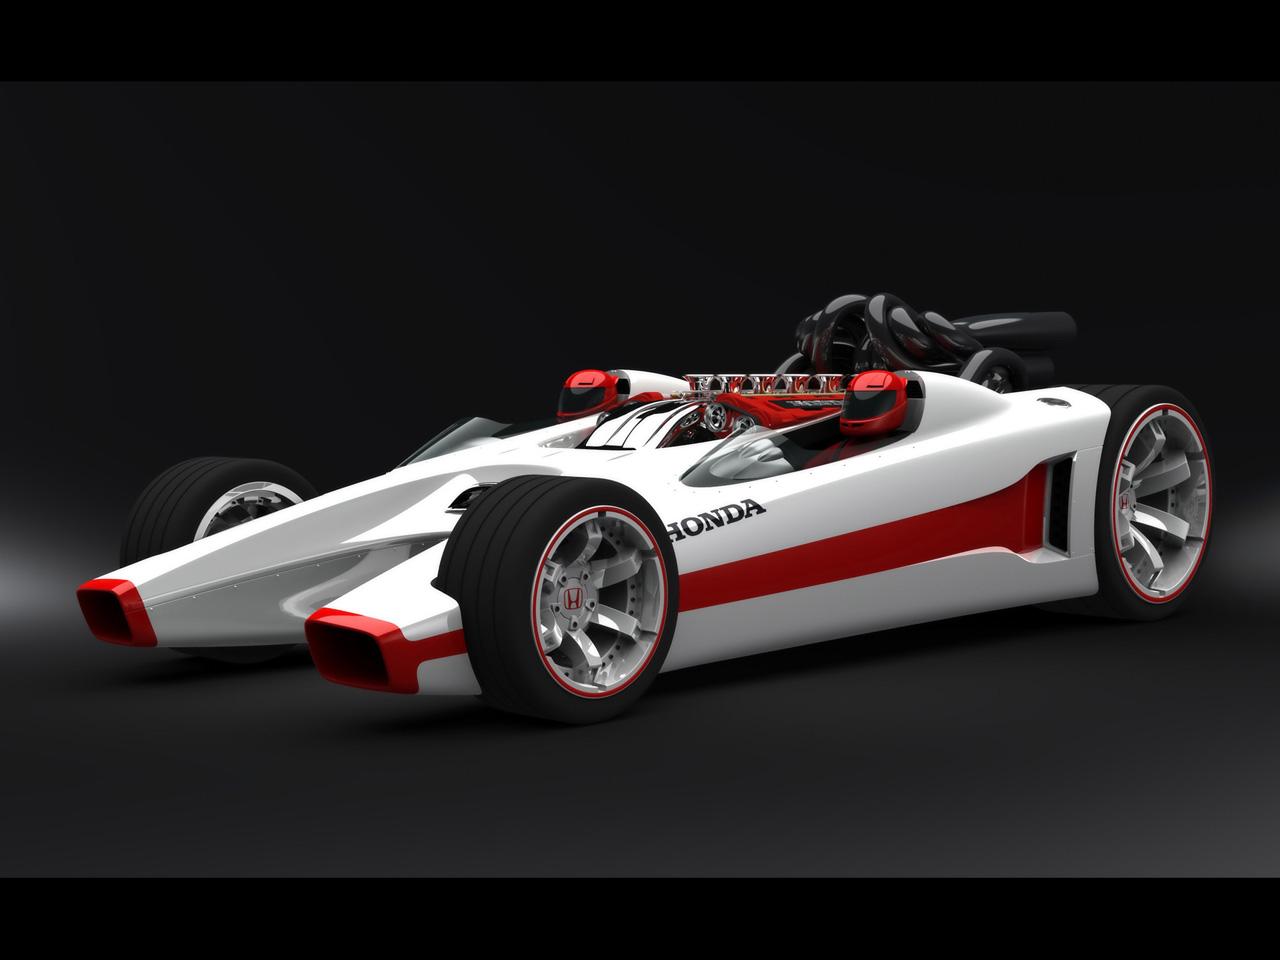 http://1.bp.blogspot.com/_DuAMT8iTg8o/TEFM8ctcfTI/AAAAAAAAAz4/CCk1-bZga0U/s1600/2008-Honda-Hot-Wheels-Racer-Front-And-Side-1280x960.jpg